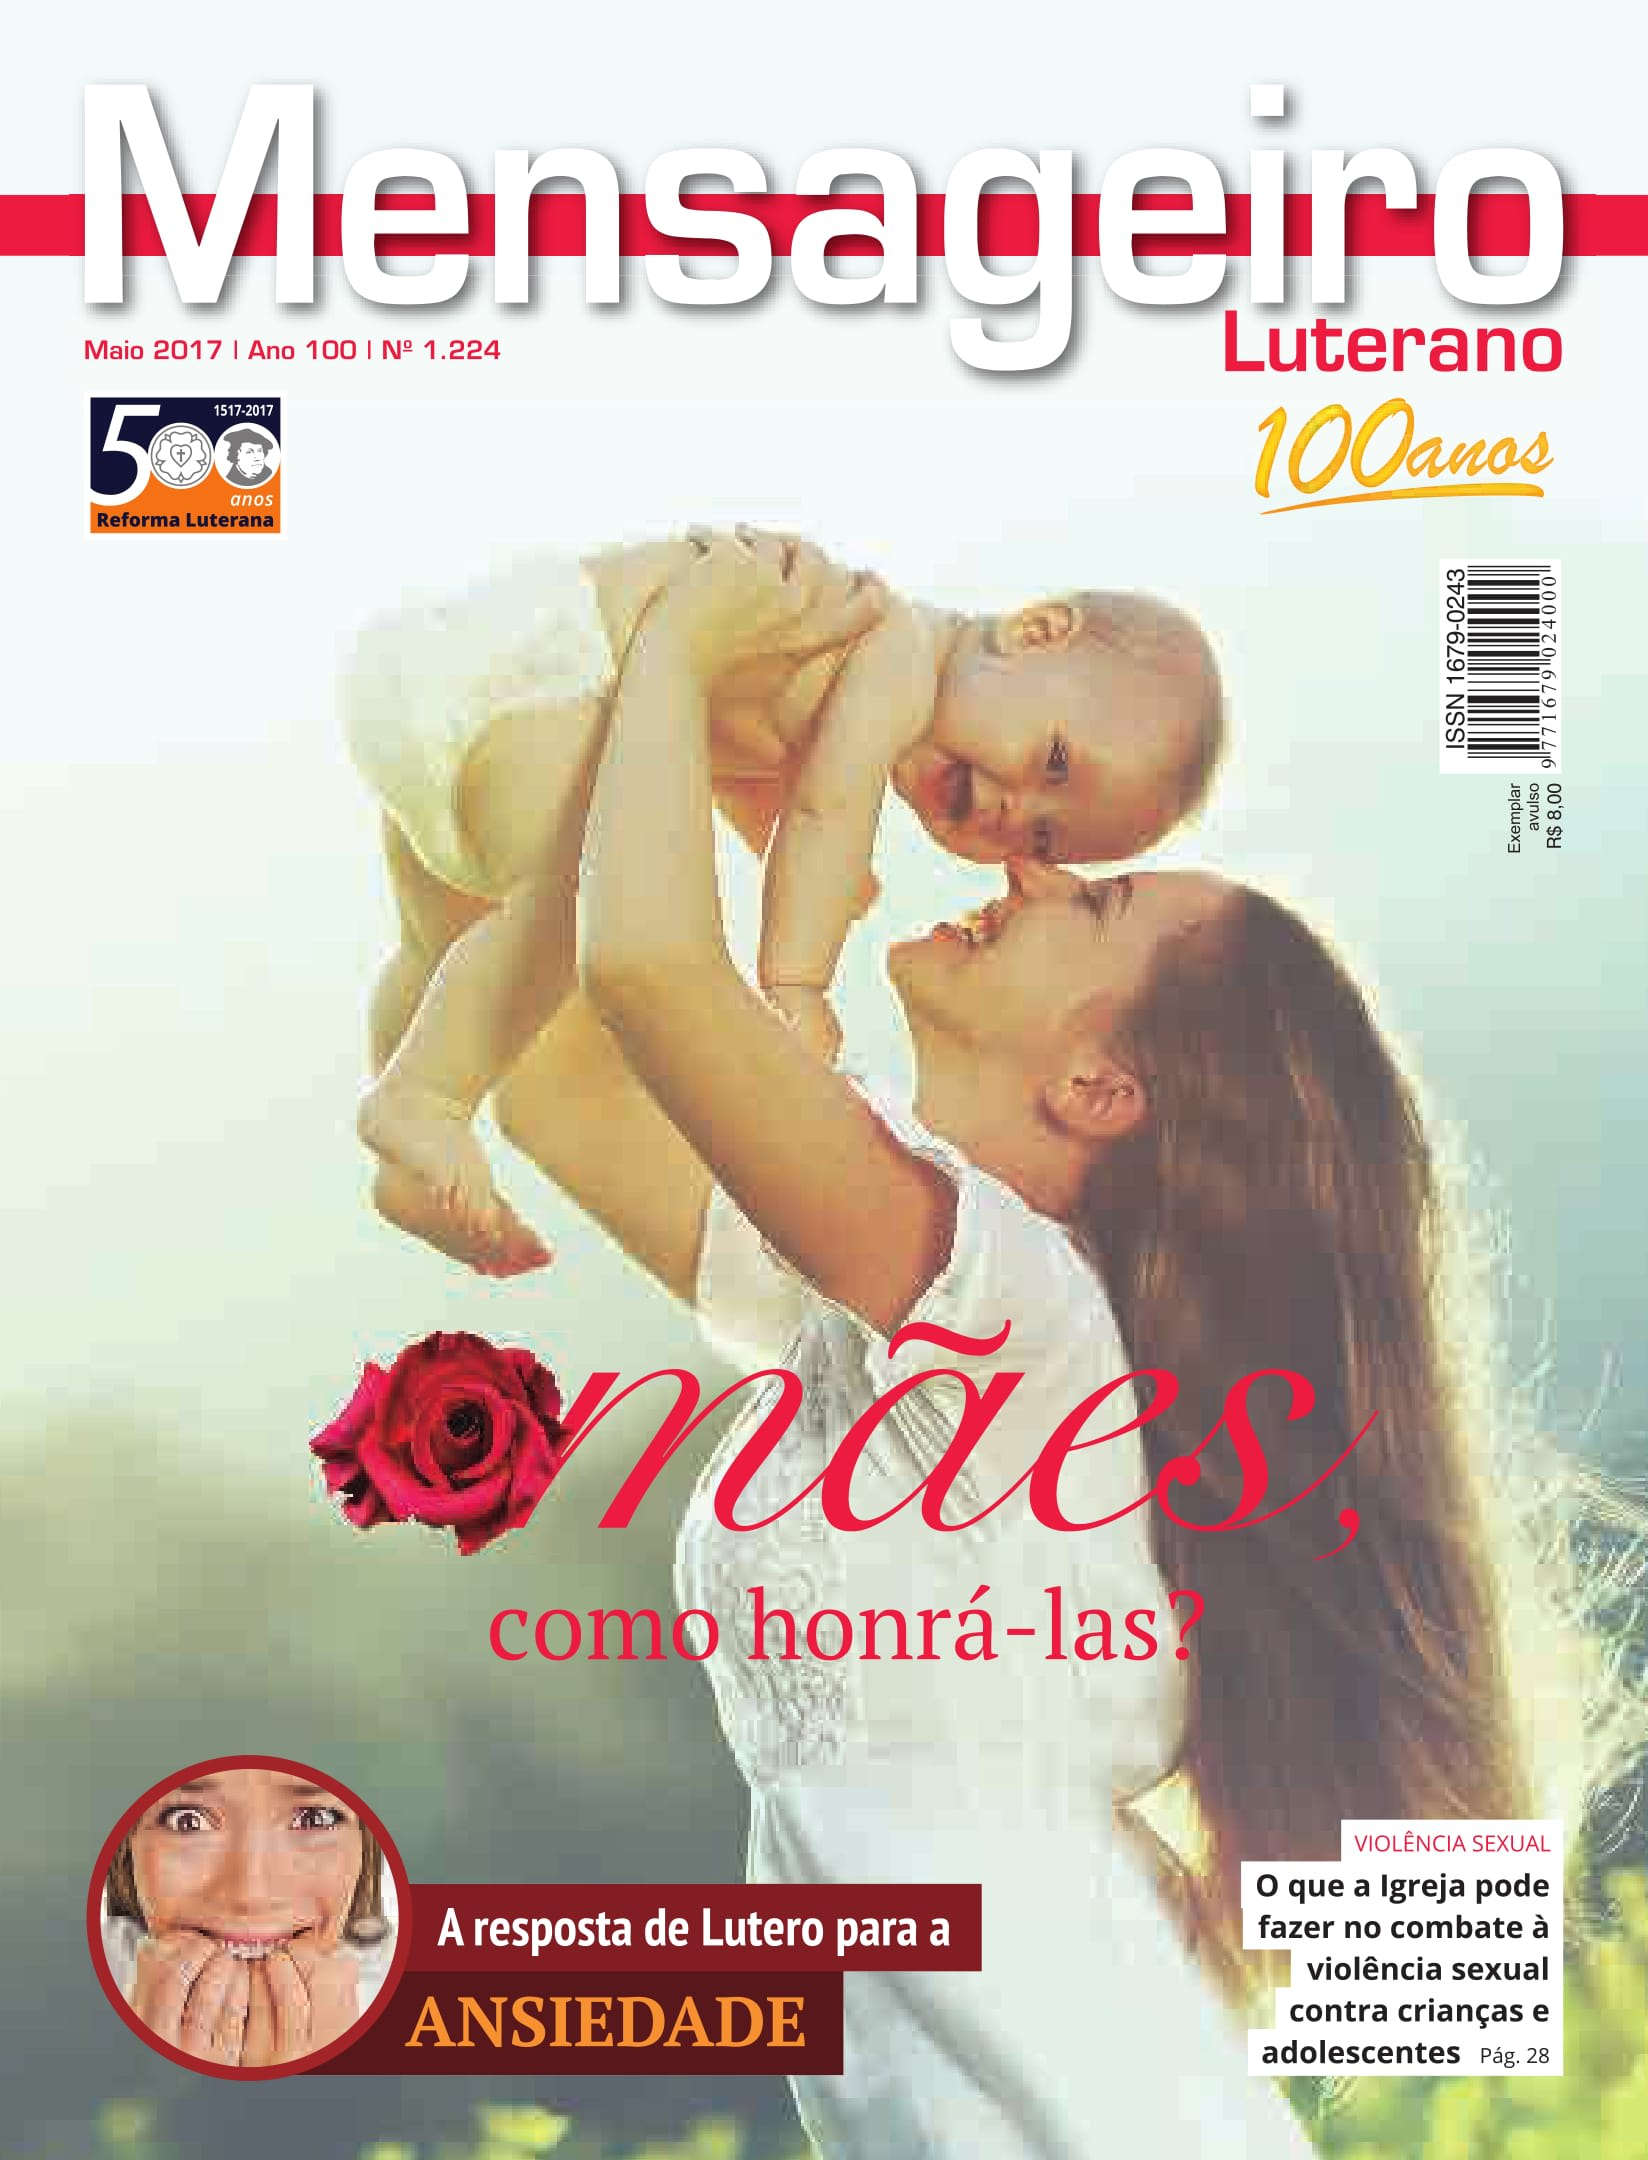 Edição Maio 2017